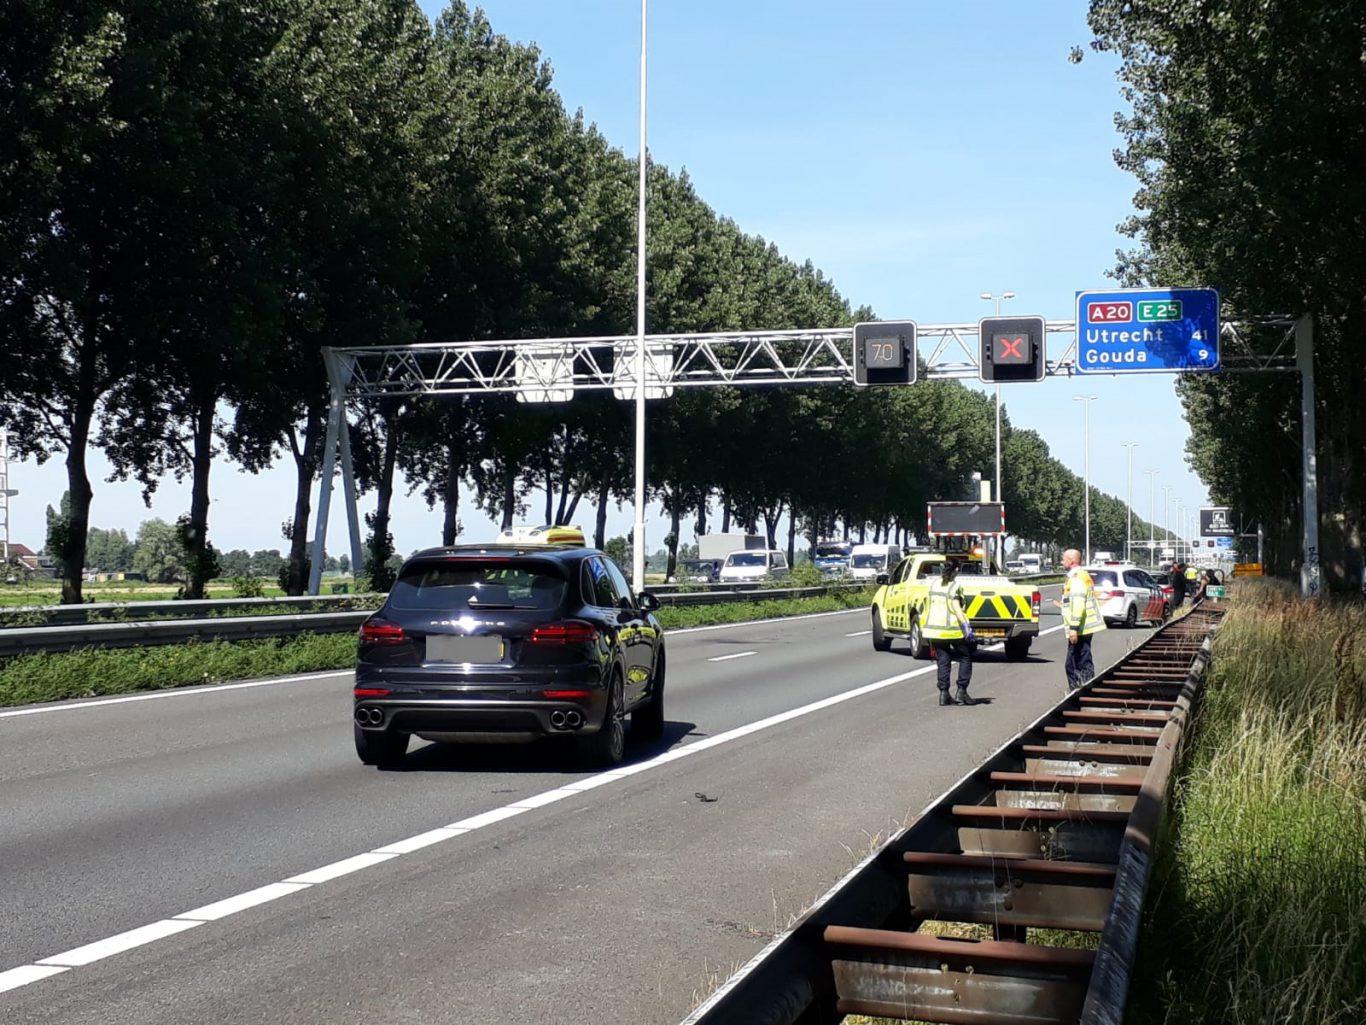 ongeval A20 Nieuwerkerk Moordrecht